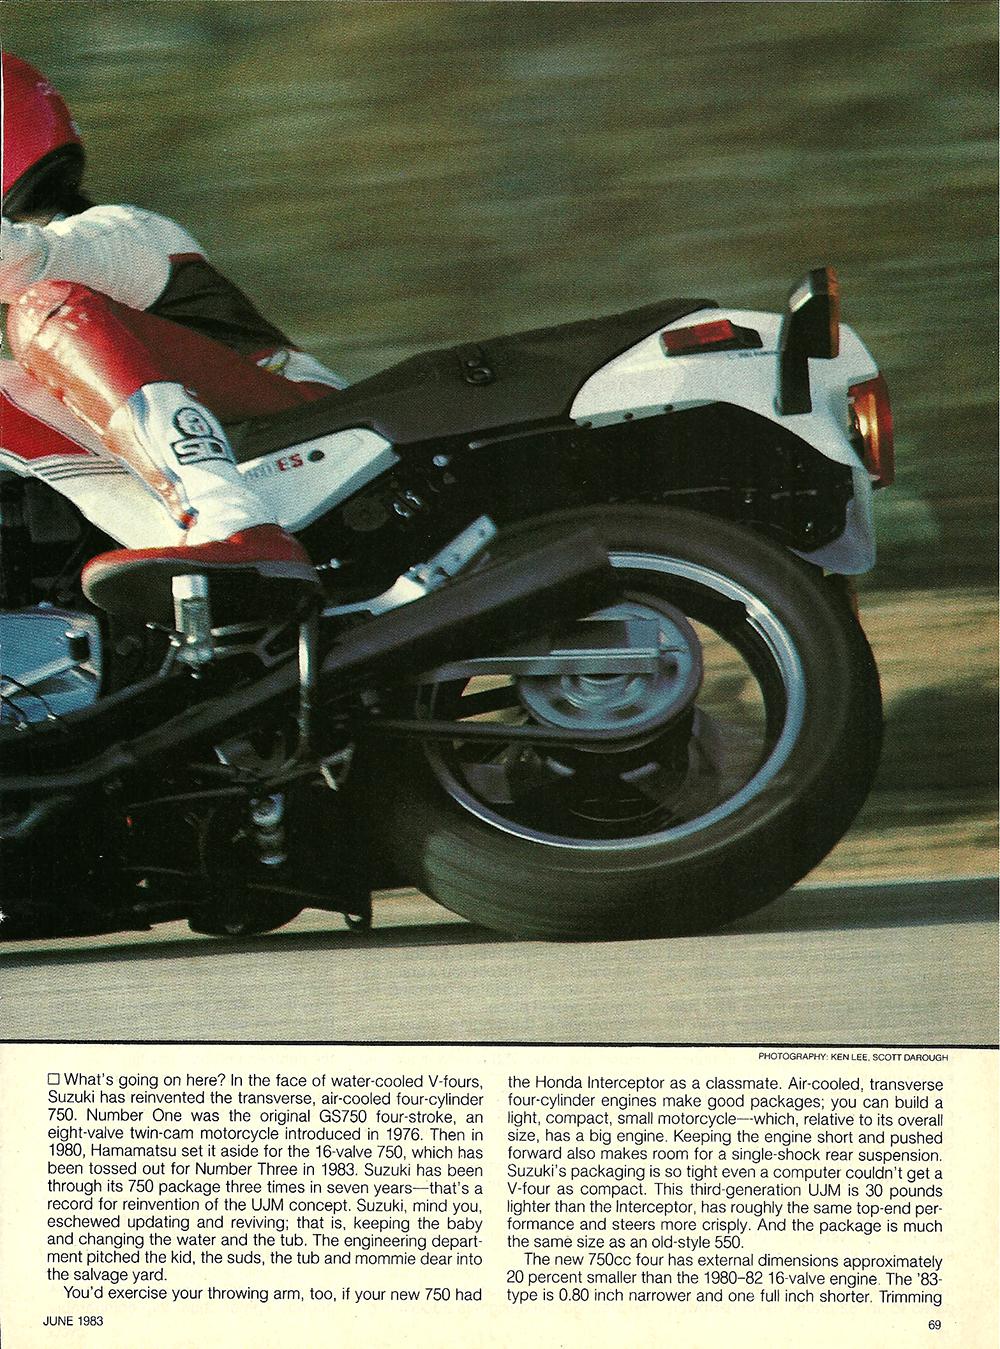 1983 Suzuki GS750ES road test 2.jpg